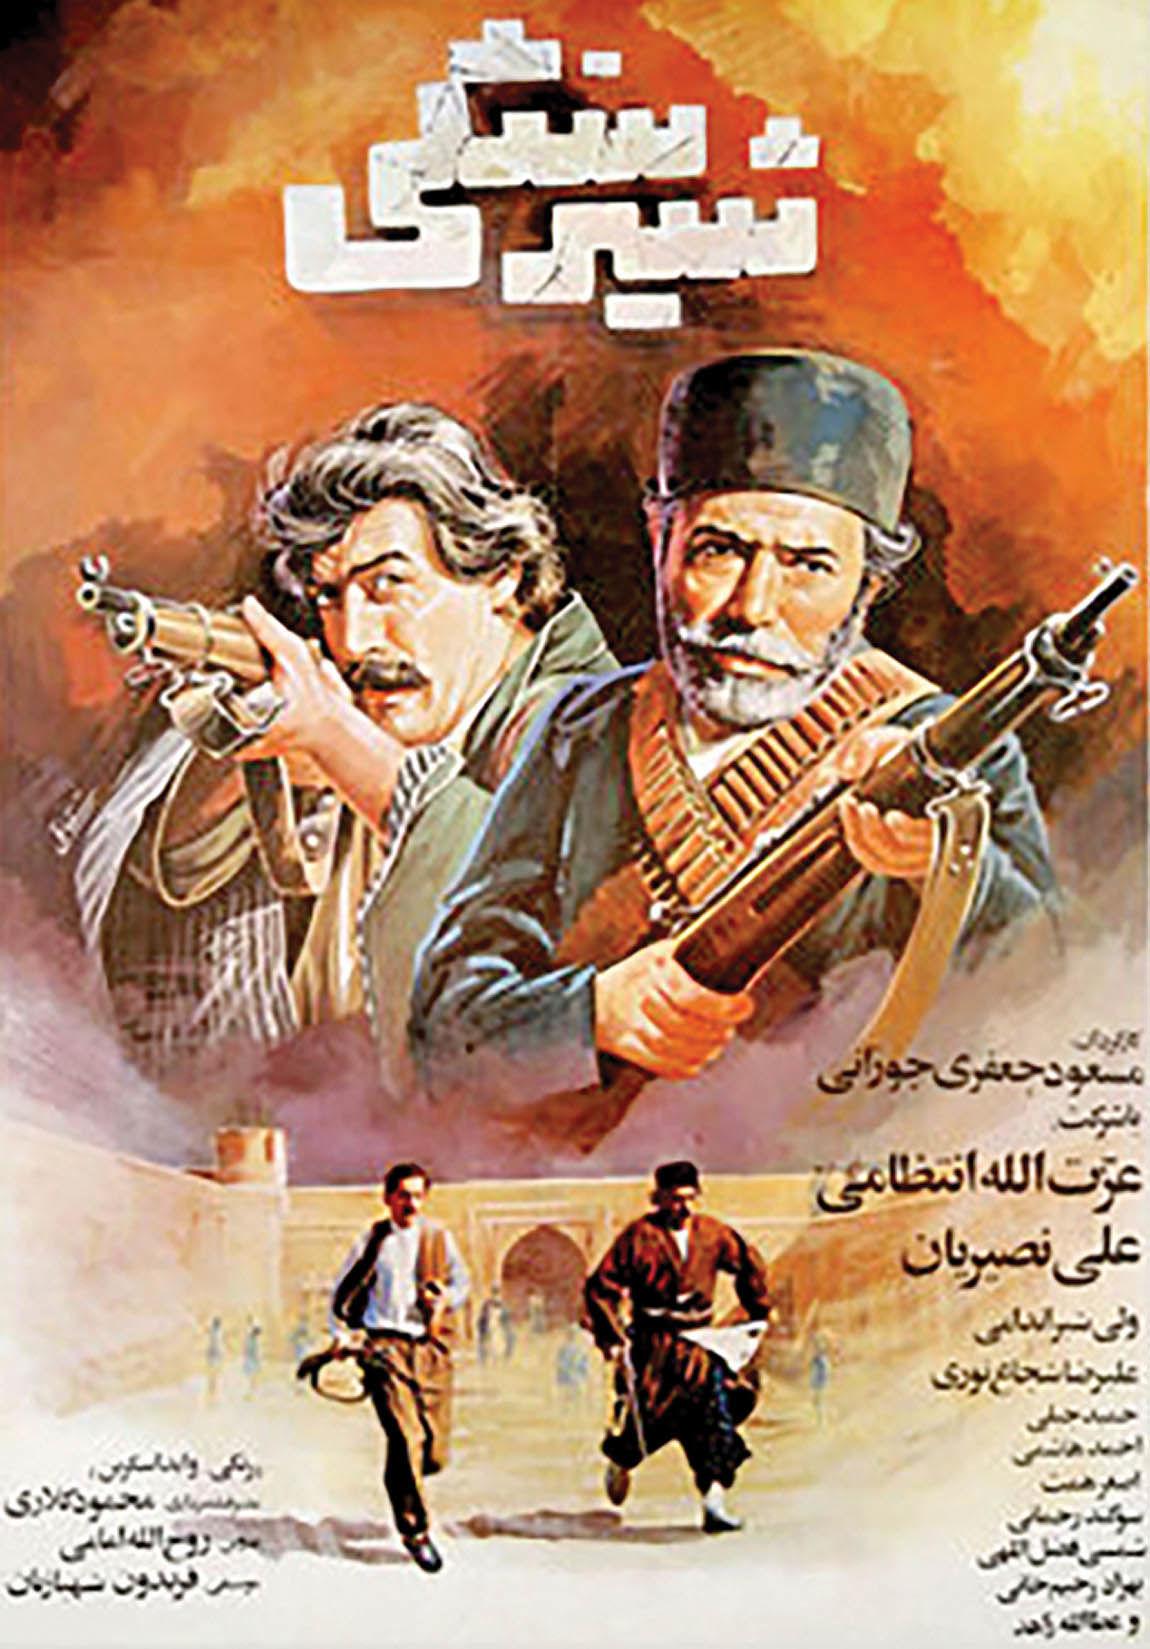 اکران فیلم سینمایی «شیرسنگی» در موزه سینما